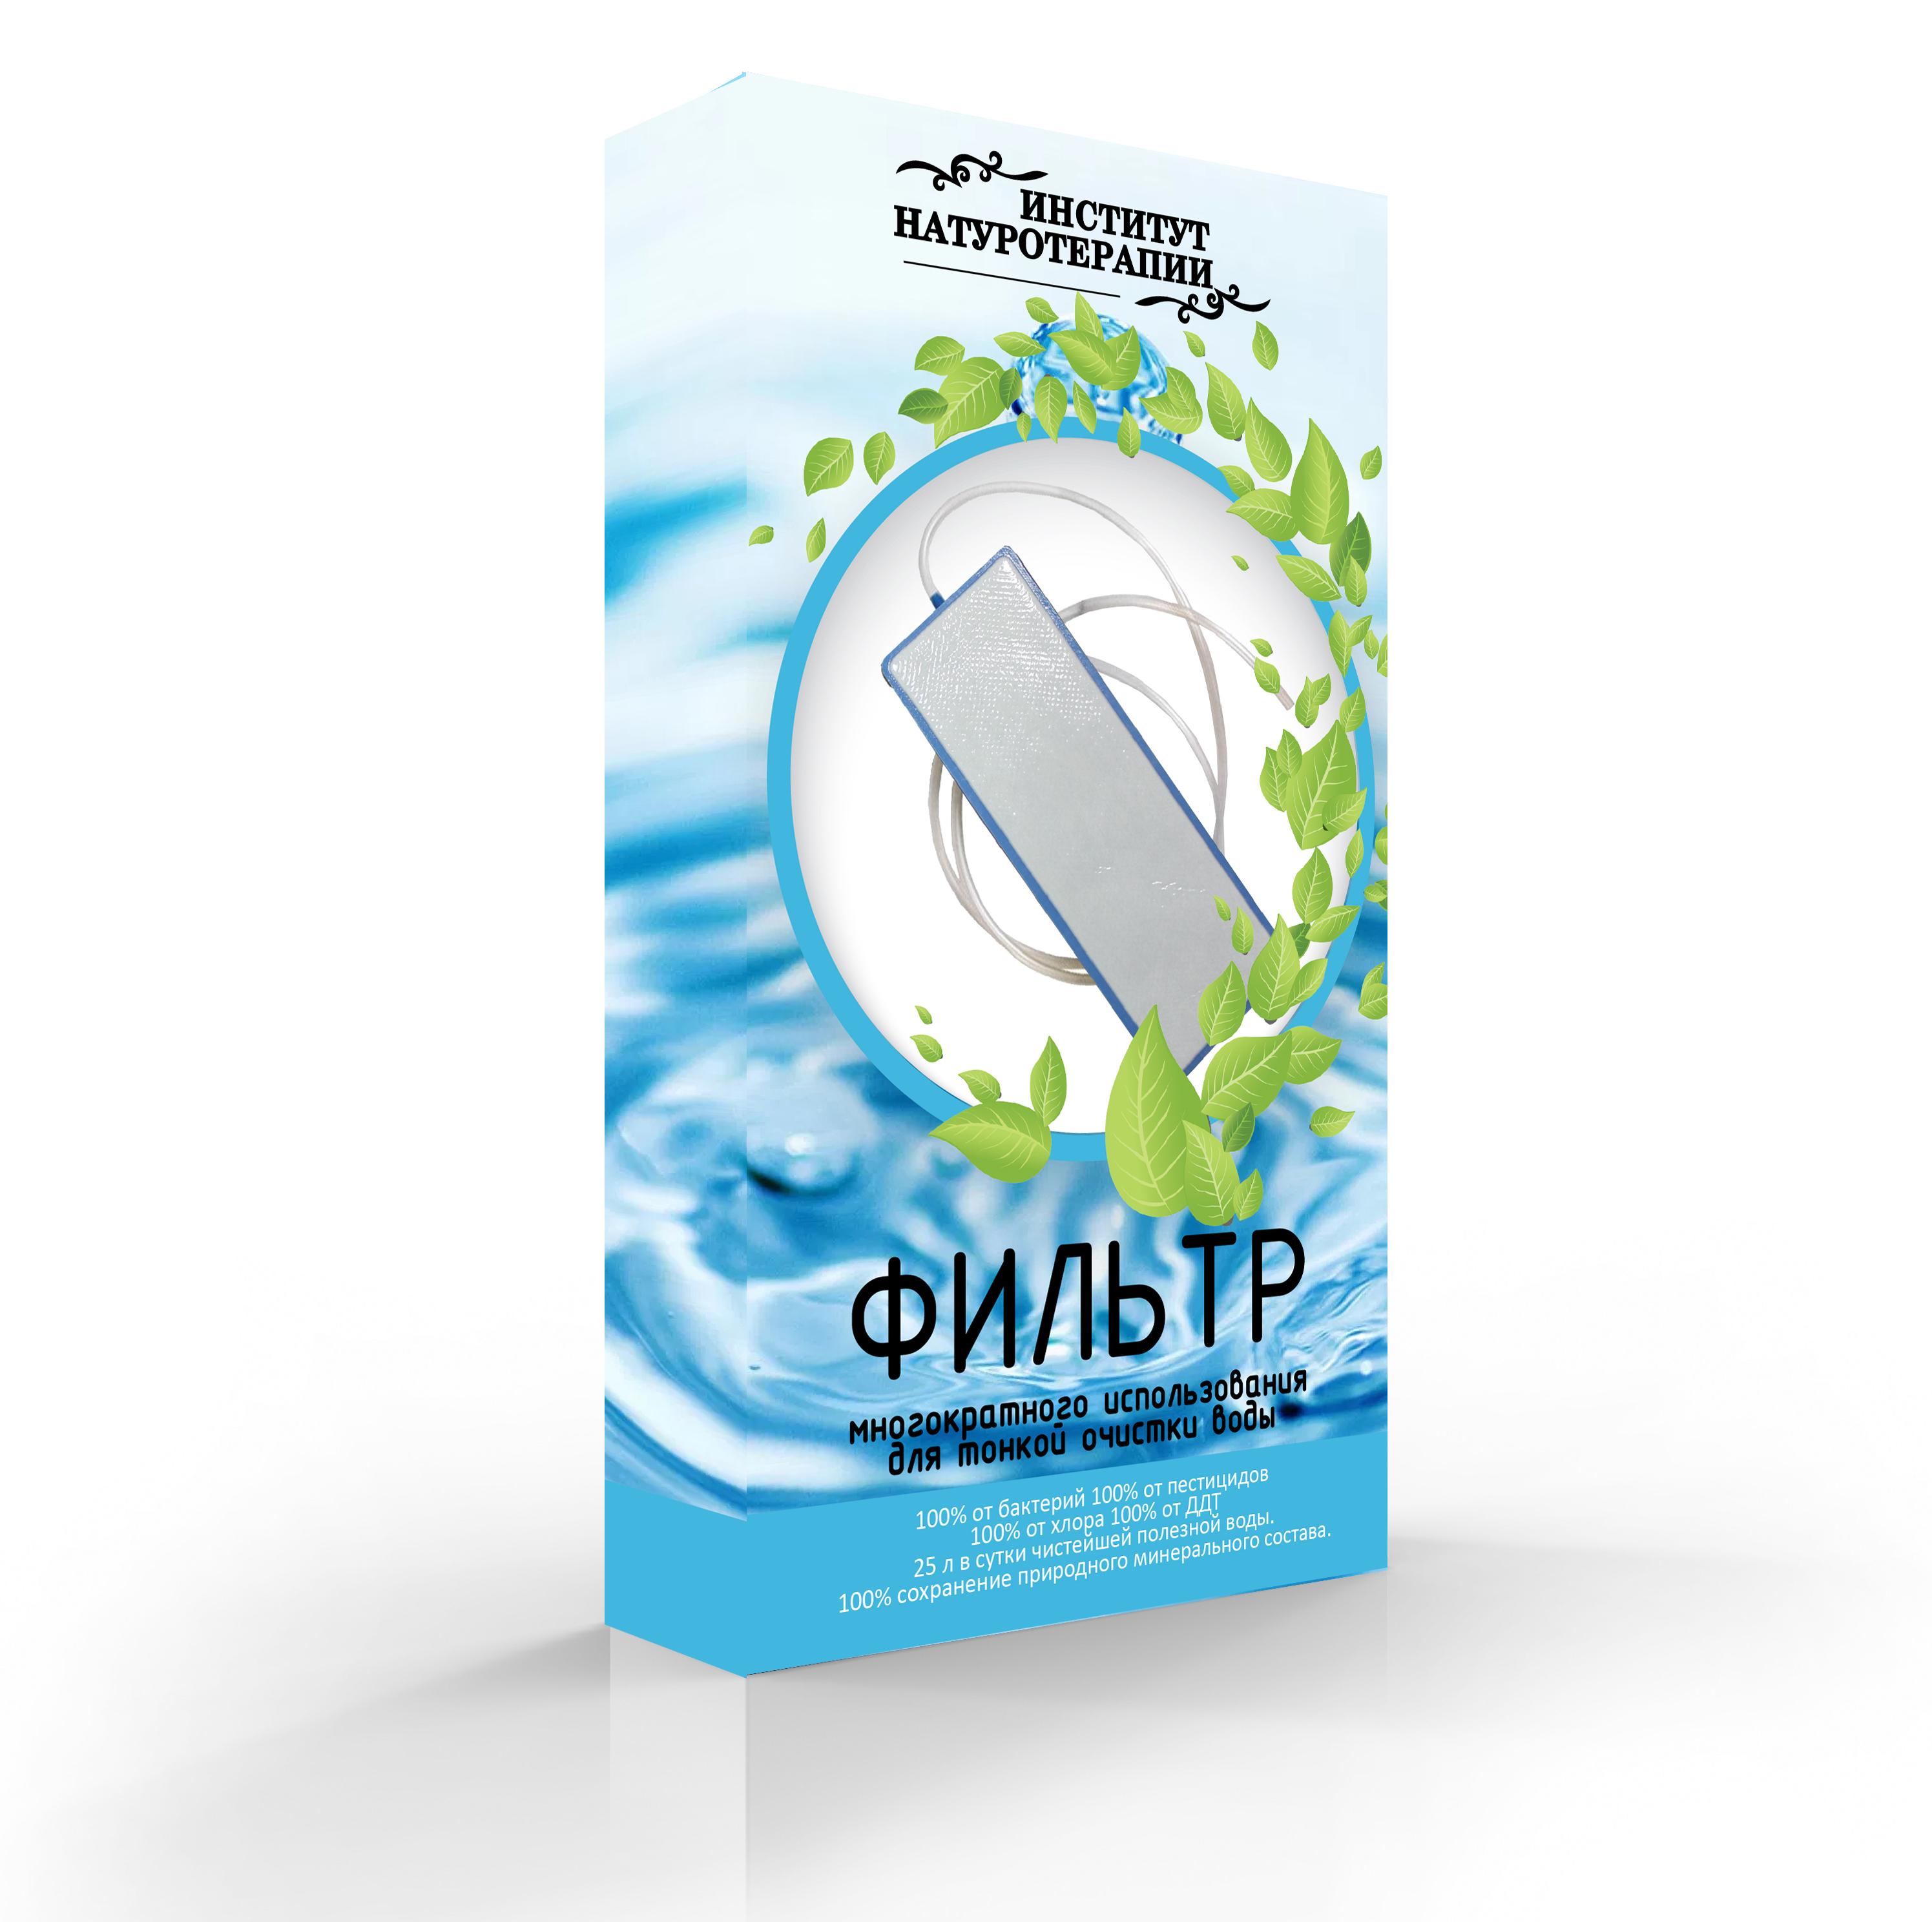 Чистая вода - залог крепкого здоровья и долголетия!